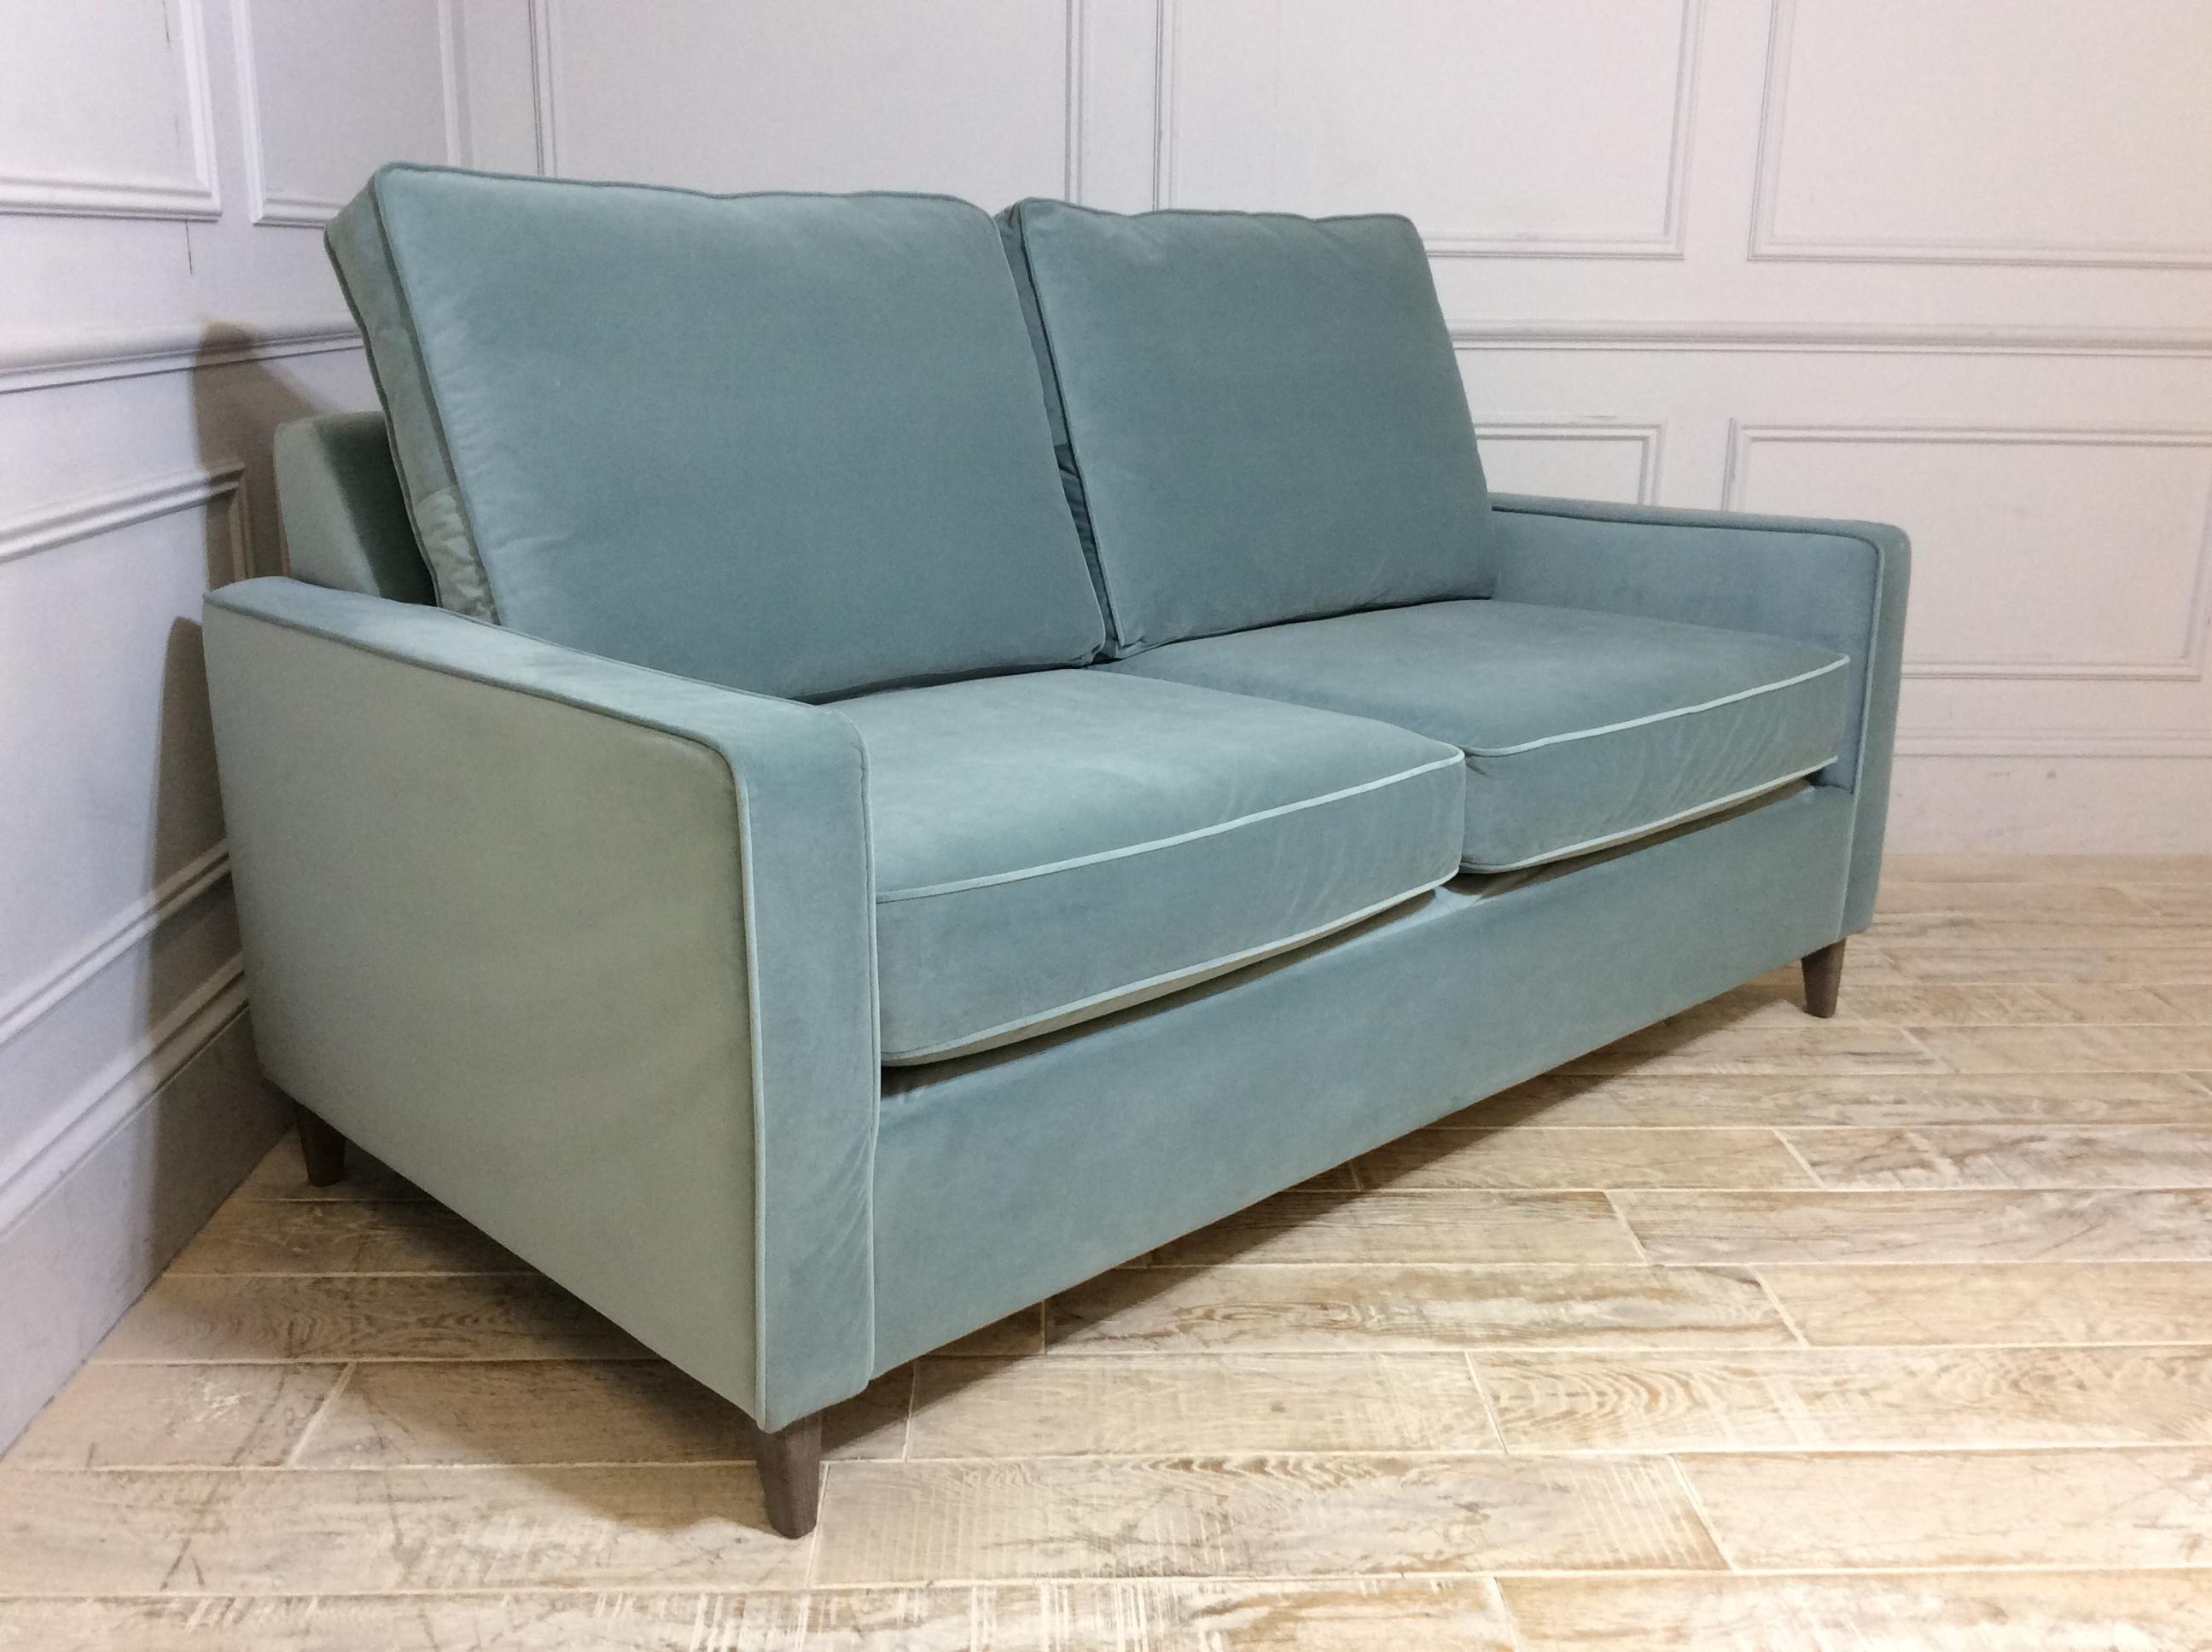 Beckenham 3 Seater Sofa Bed in Easy Clean Plush Velvet Airforce